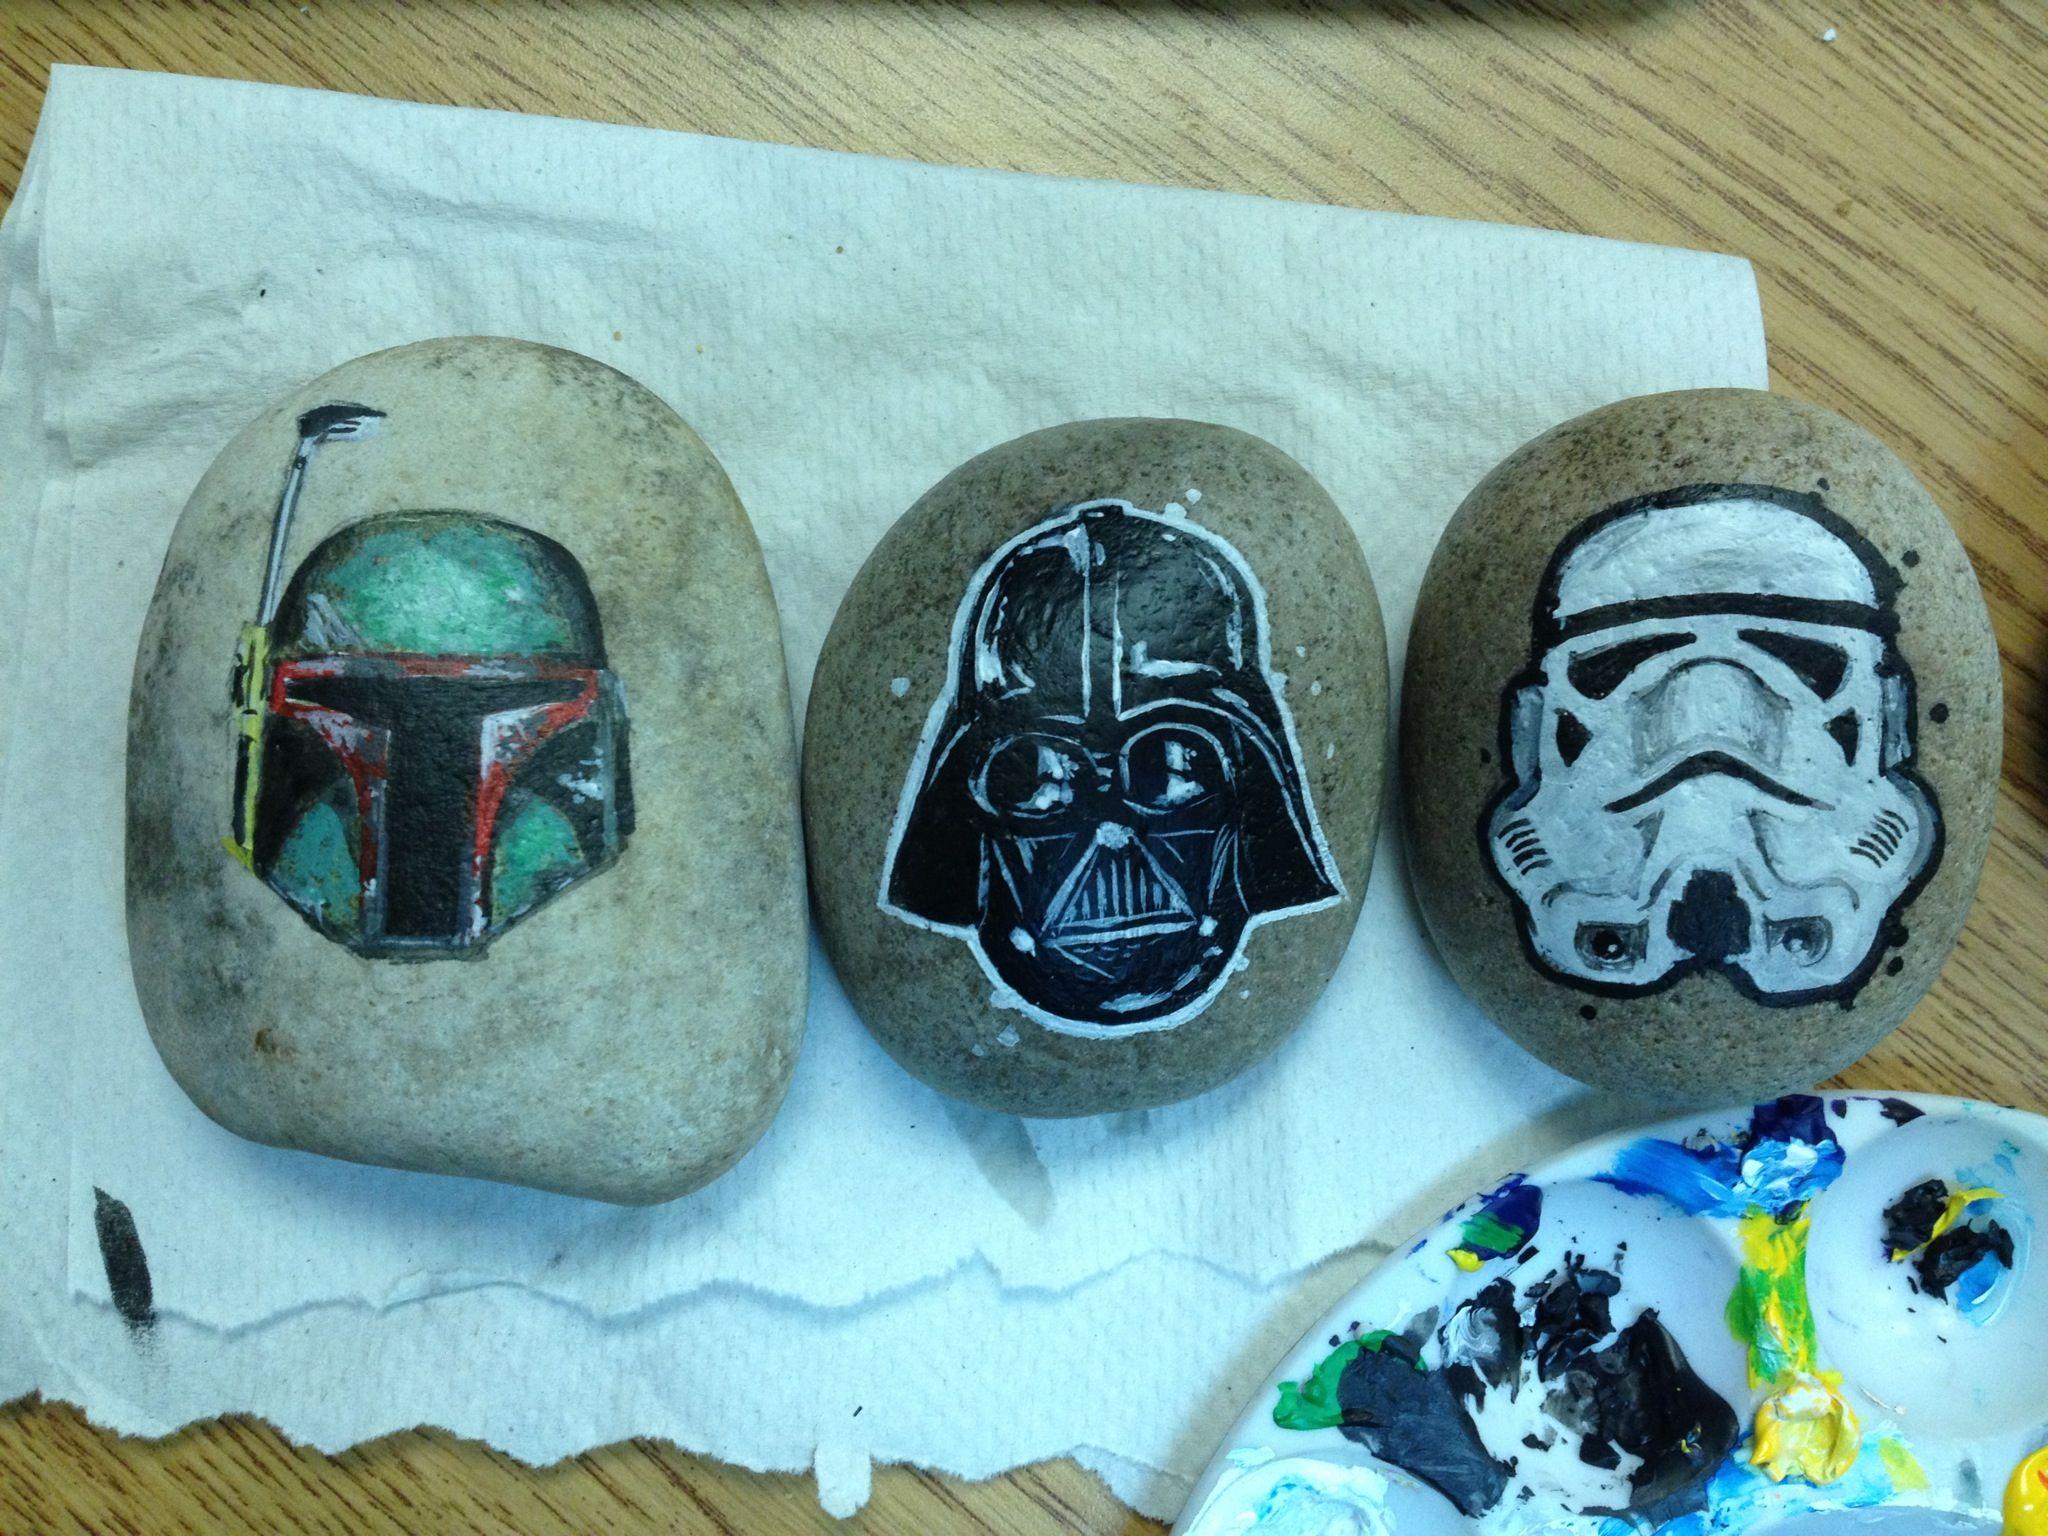 Star Wars Painted Rocks By Artist Daniel Langhans Boba Fett Darth Vader Storm